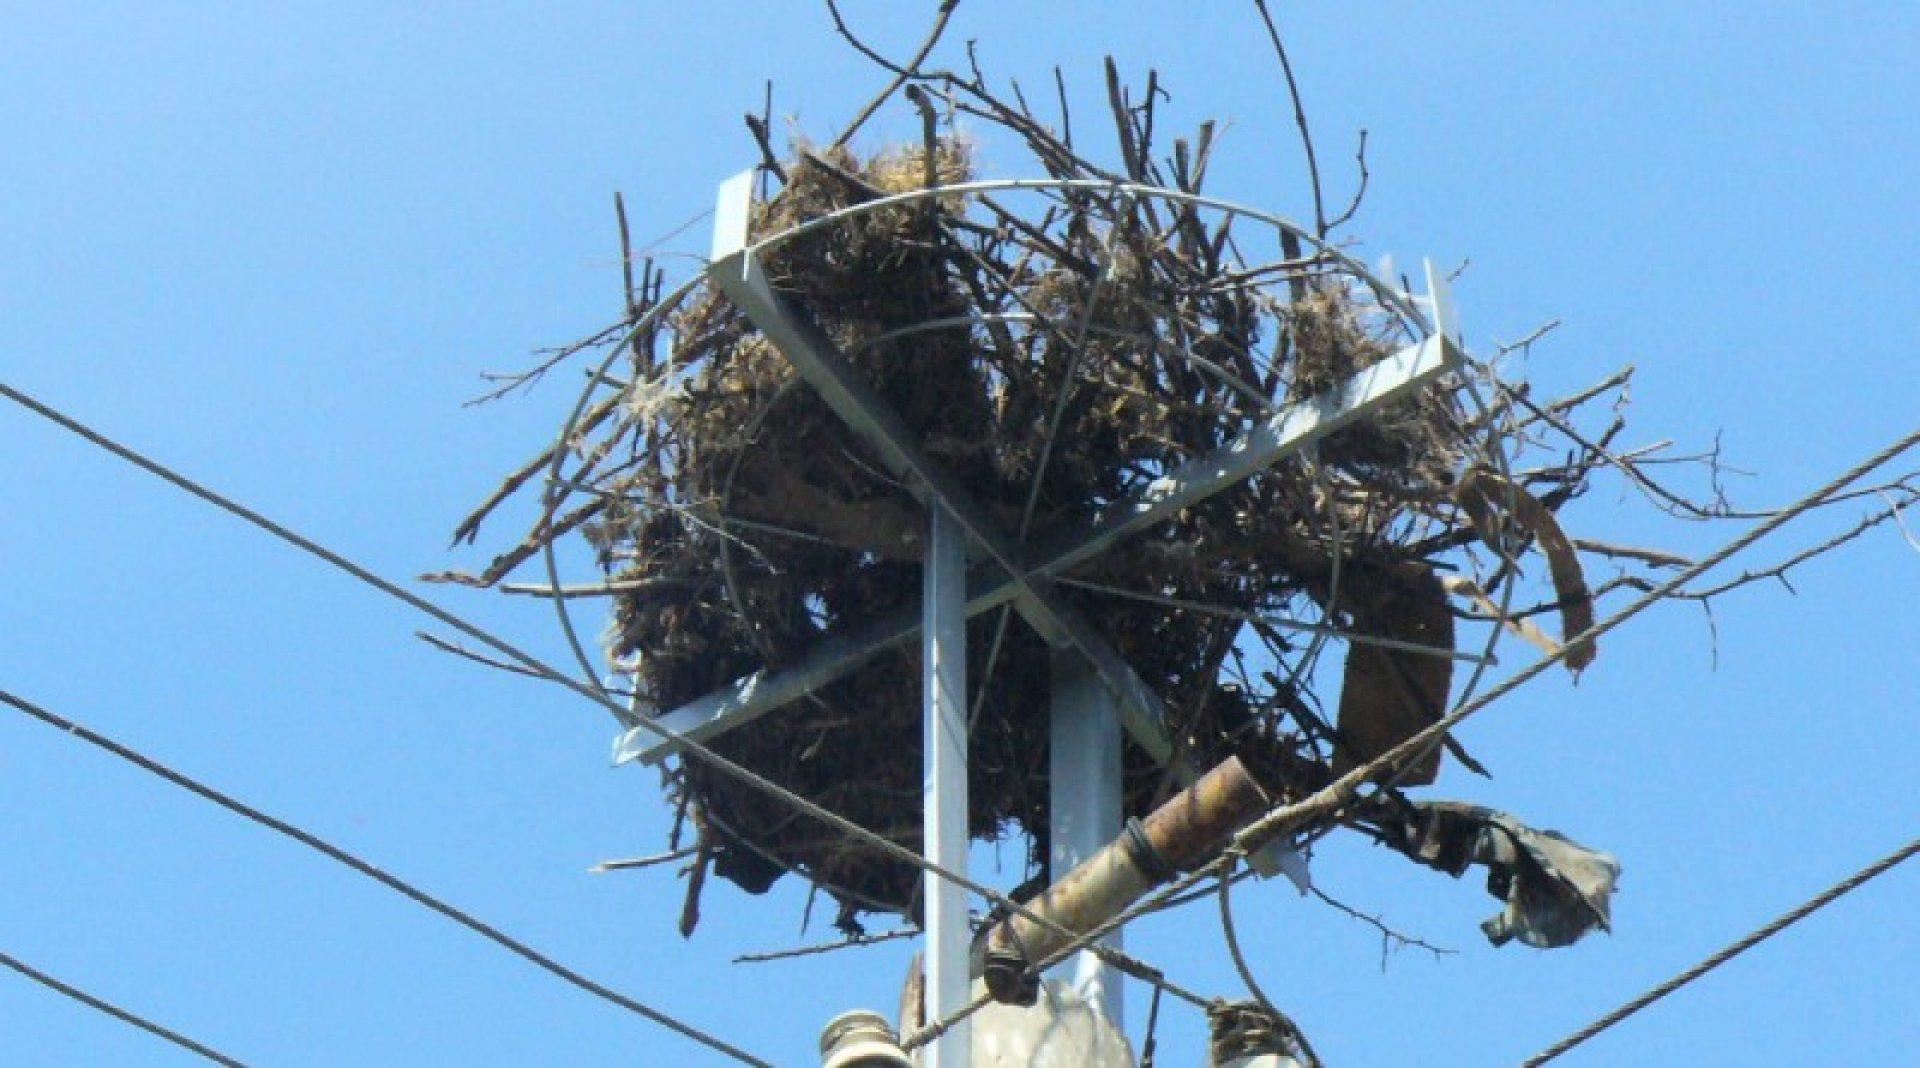 Броят на металните гнезда ще бъде десет. Снимка Архив